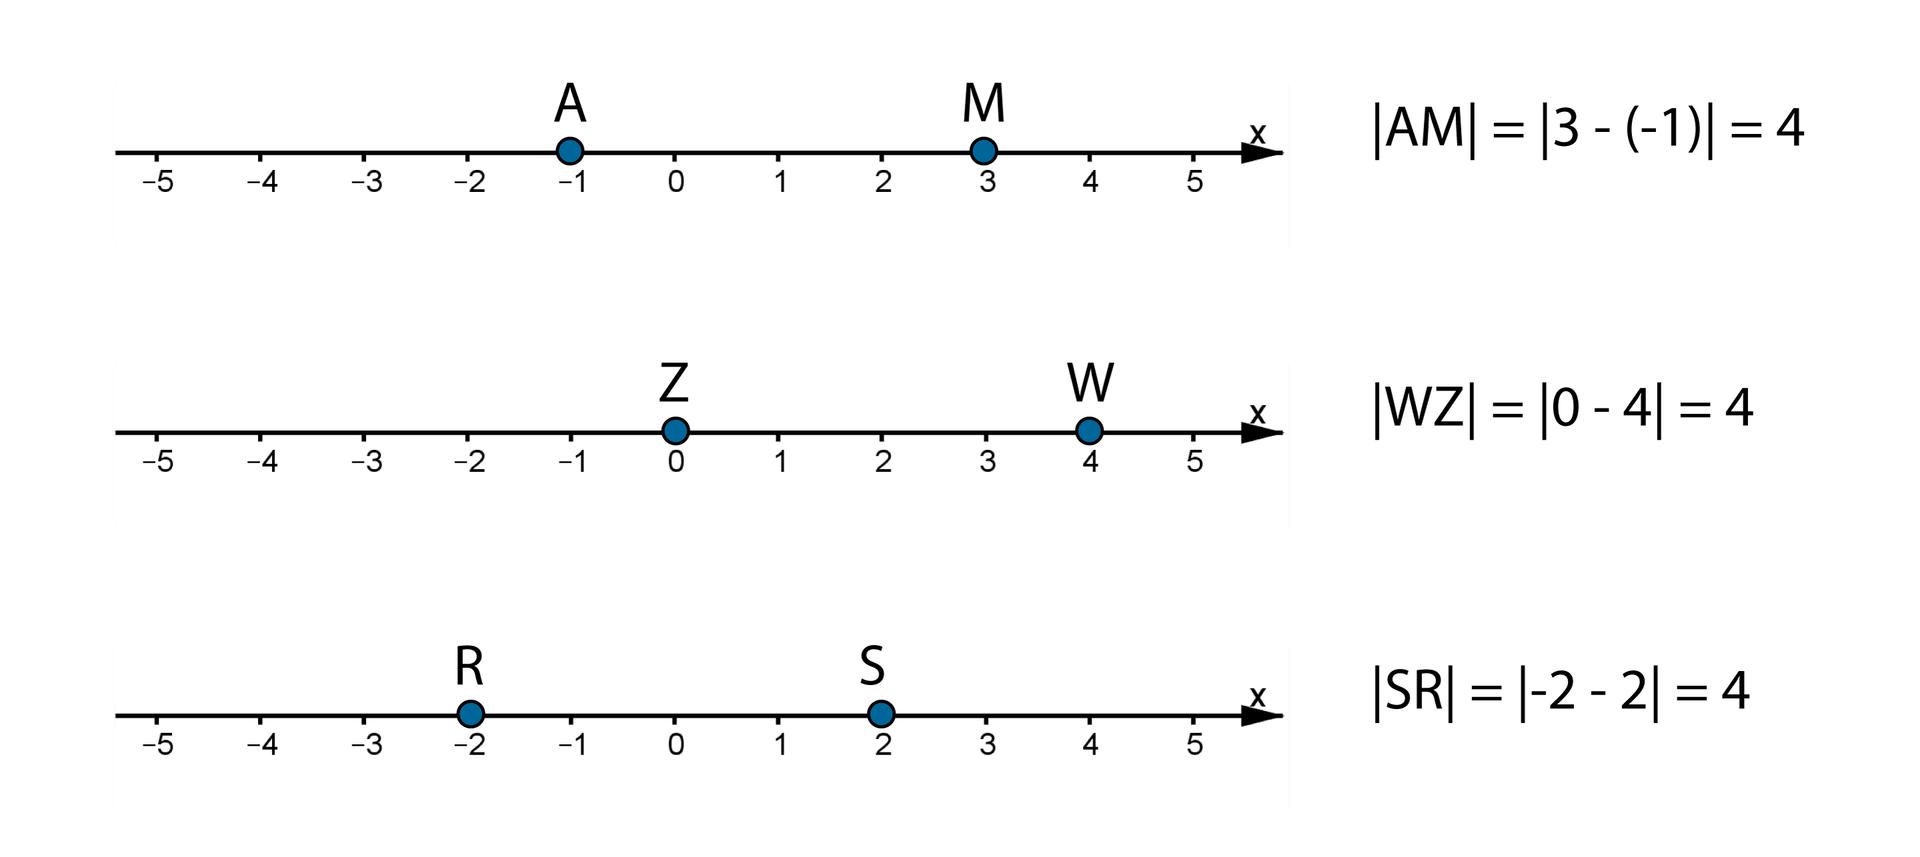 Rysunki trzech osi liczbowych zzaznaczonymi liczbami całkowitymi od -2 do 4. Odcinek jednostkowy równy jest 1. Na pierwszej osi zaznaczone punkty owspółrzędnych A=(-1) iM=(3). Zapis: wartość bezwzględna AM = wartość bezwzględna [3 -( -1)] =4. Na drugiej osi zaznaczone punkty owspółrzędnych Z=(0) iW=(4). Zapis: wartość bezwzględna WZ = wartość bezwzględna (0 -4) =4. Na trzeciej osi zaznaczone punkty owspółrzędnych R=(-2), S=(2). Zapis: wartość bezwzględna SR = wartość bezwzględna (-2 -2) =4.